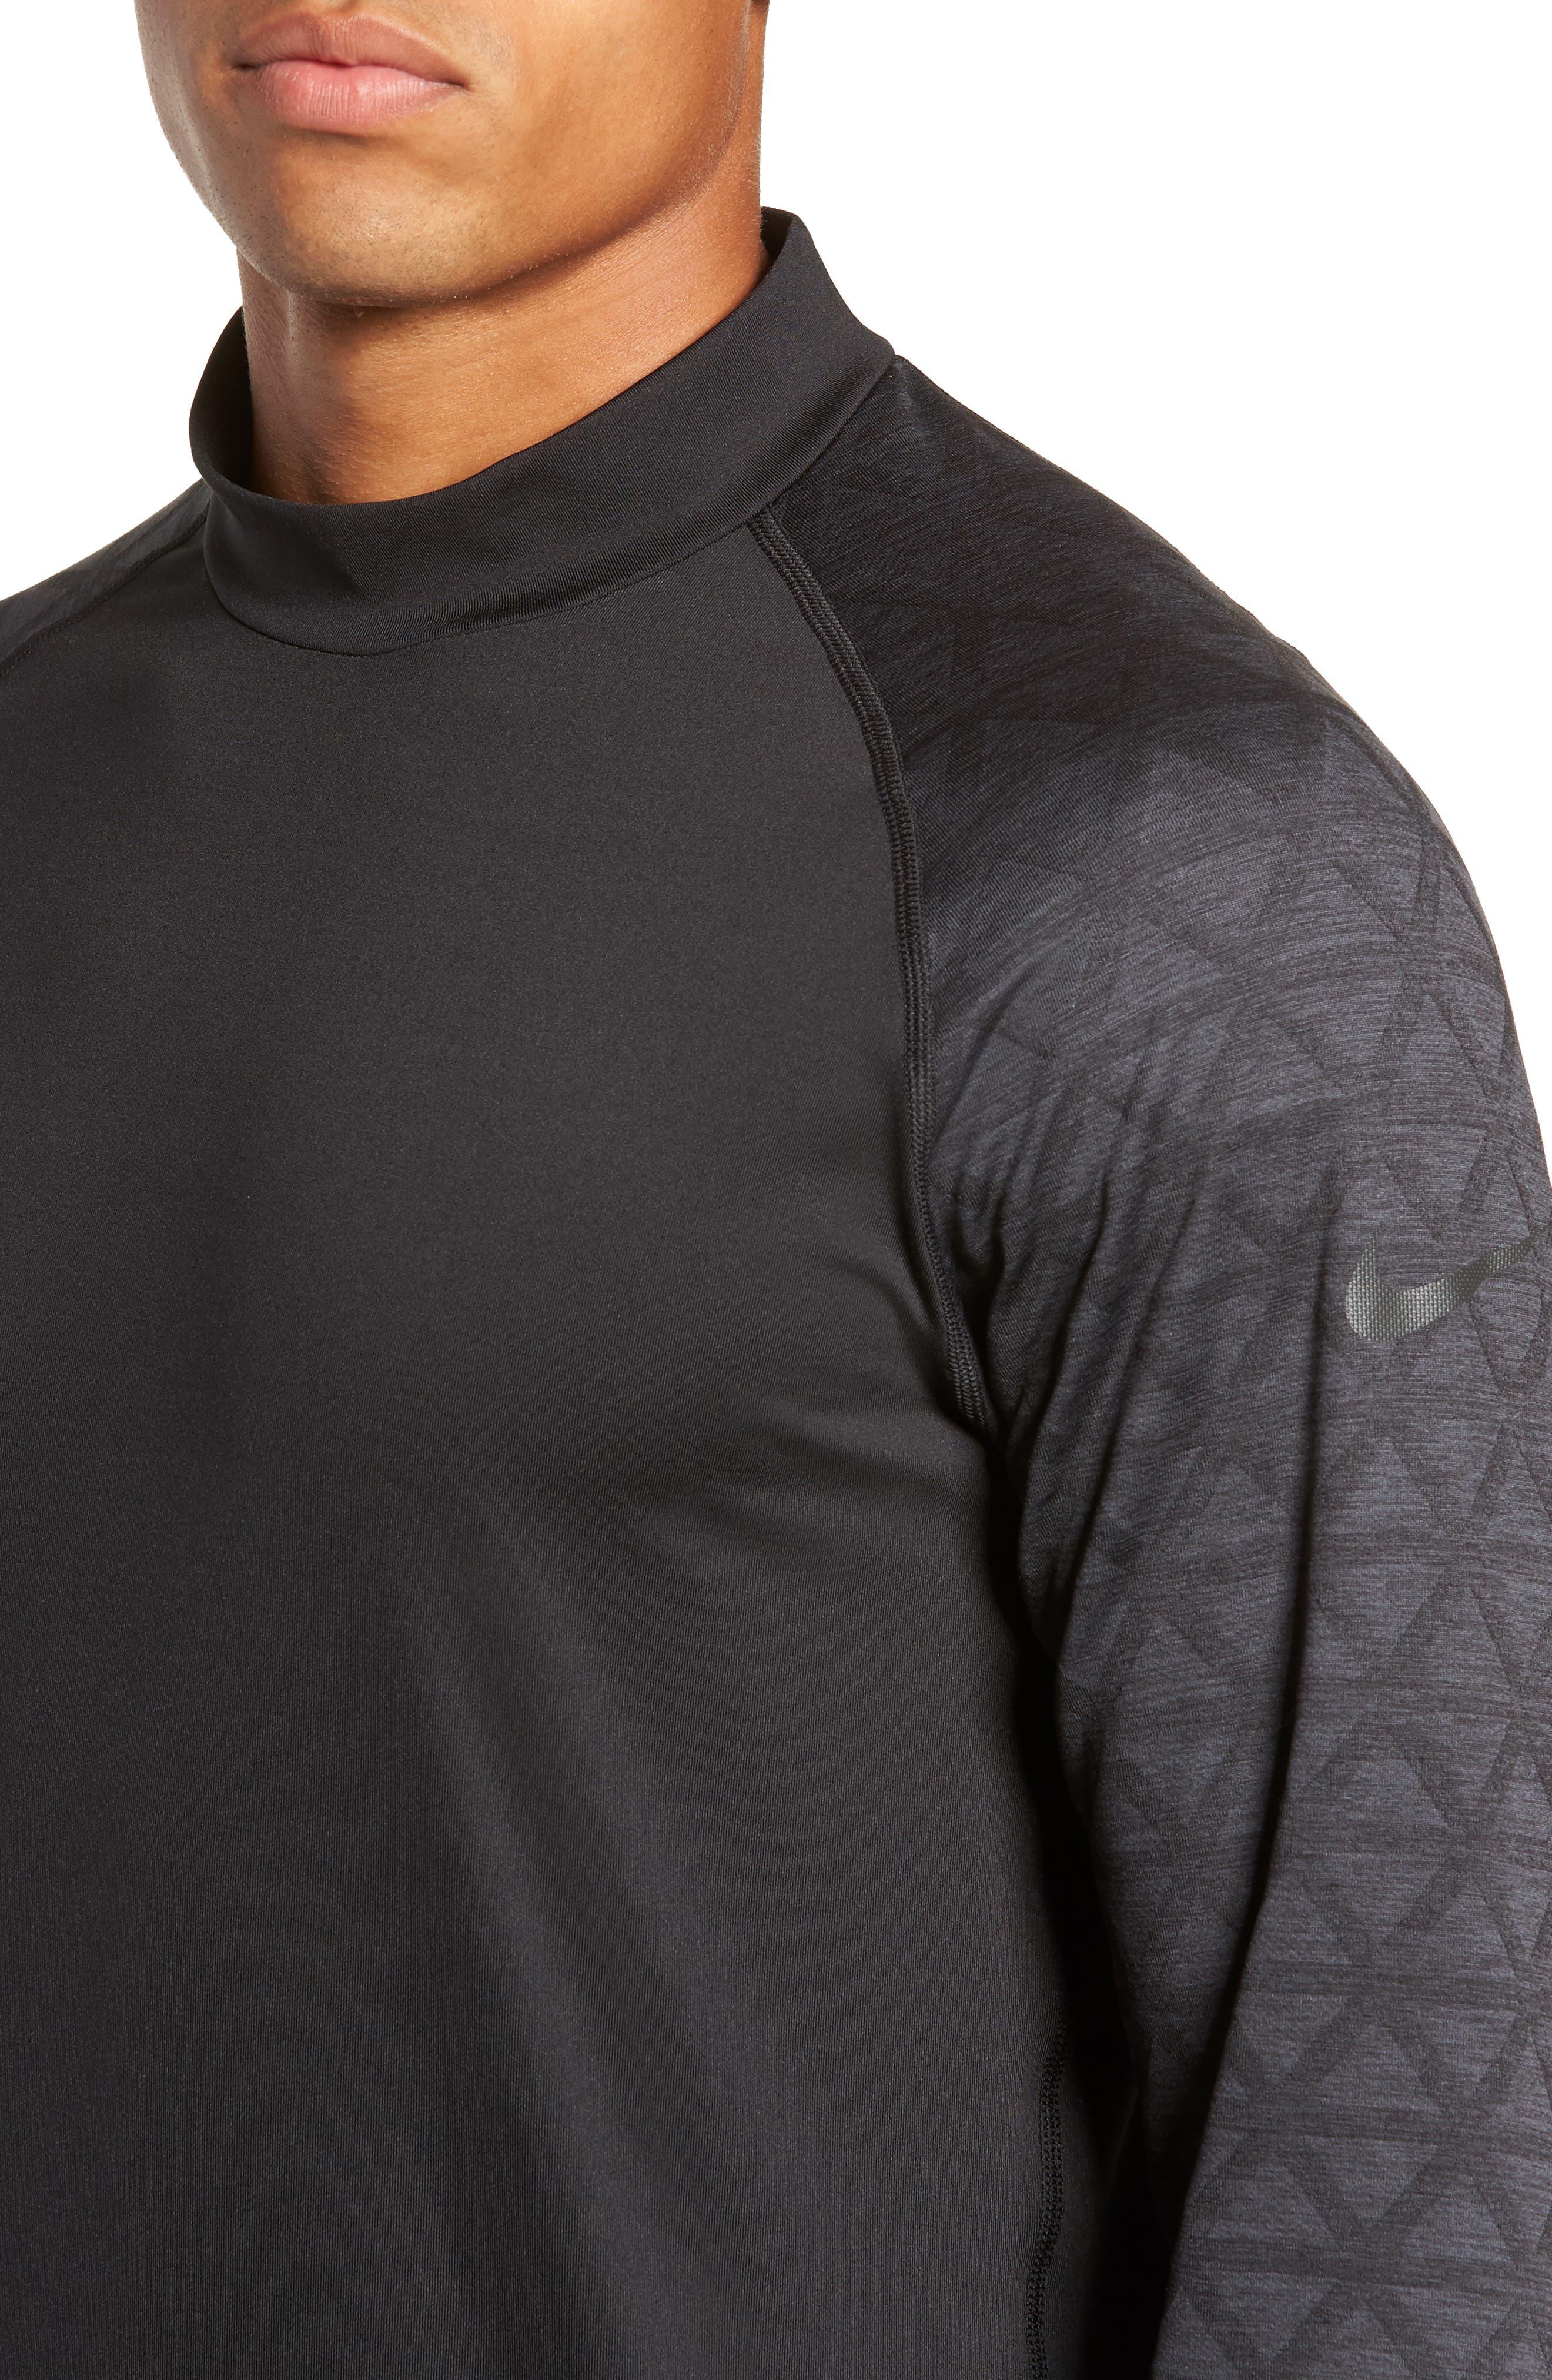 NIKE,                             Niko Pro Therma Long Sleeve Mock Neck T-Shirt,                             Alternate thumbnail 4, color,                             010